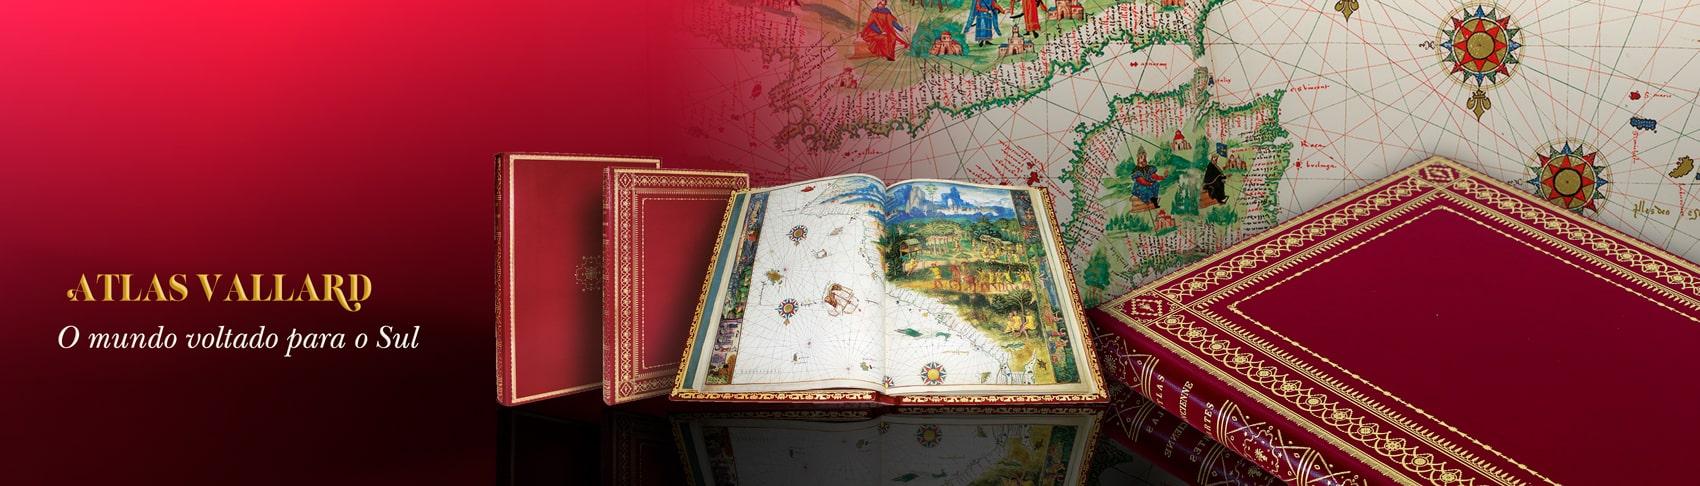 Atlas Vallard, o mundo voltado para o Sul